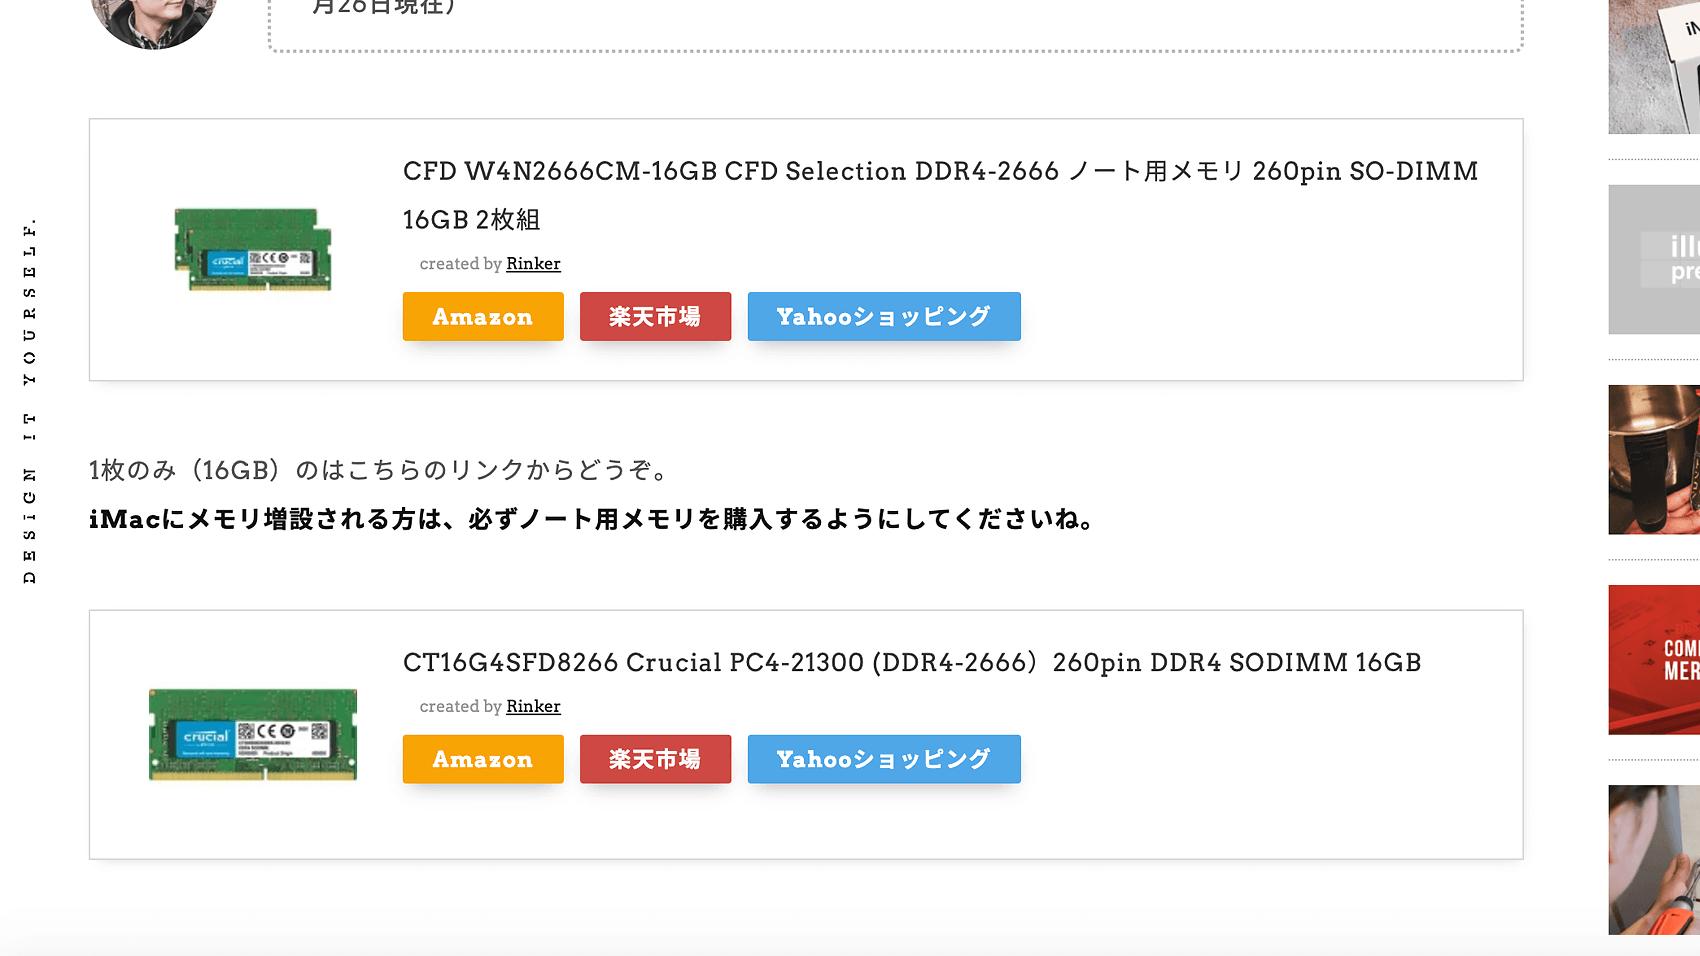 商品リンクのイメージ画像